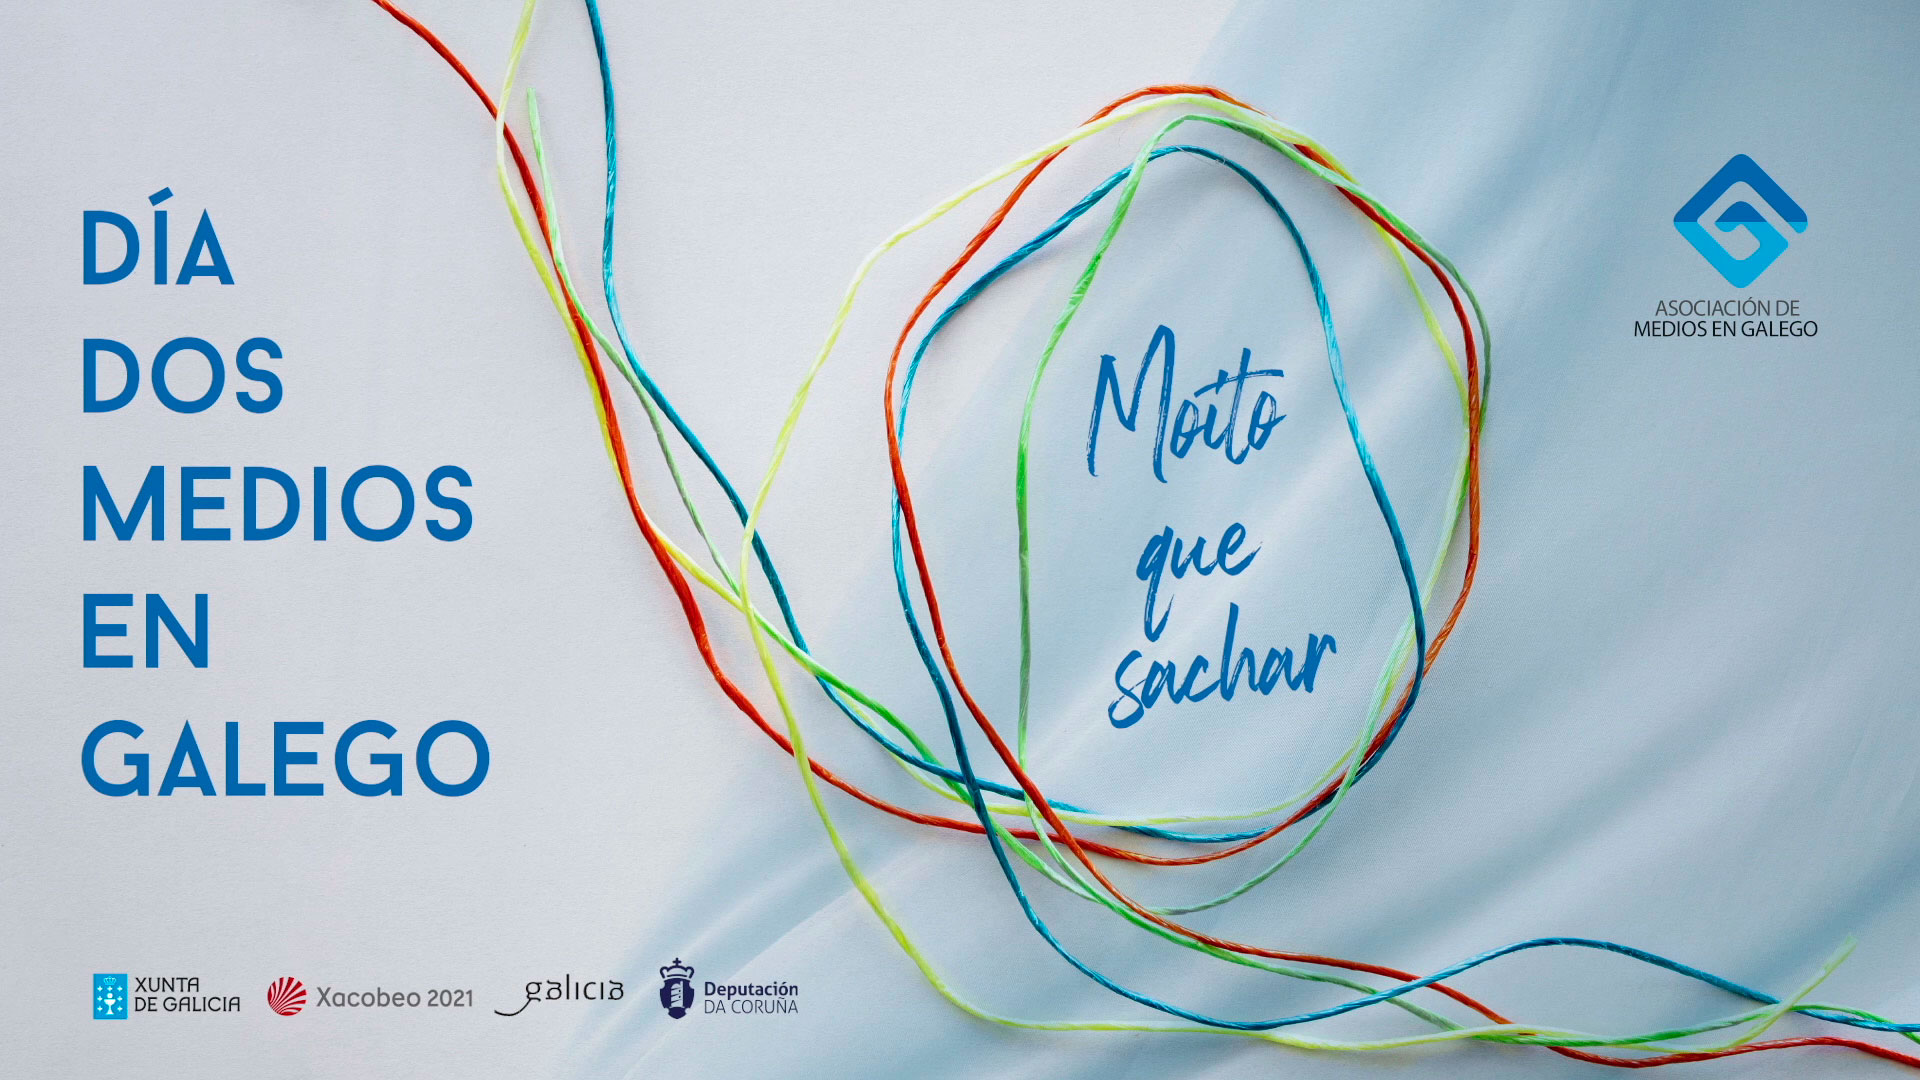 Día dos Medios en Galego 2021